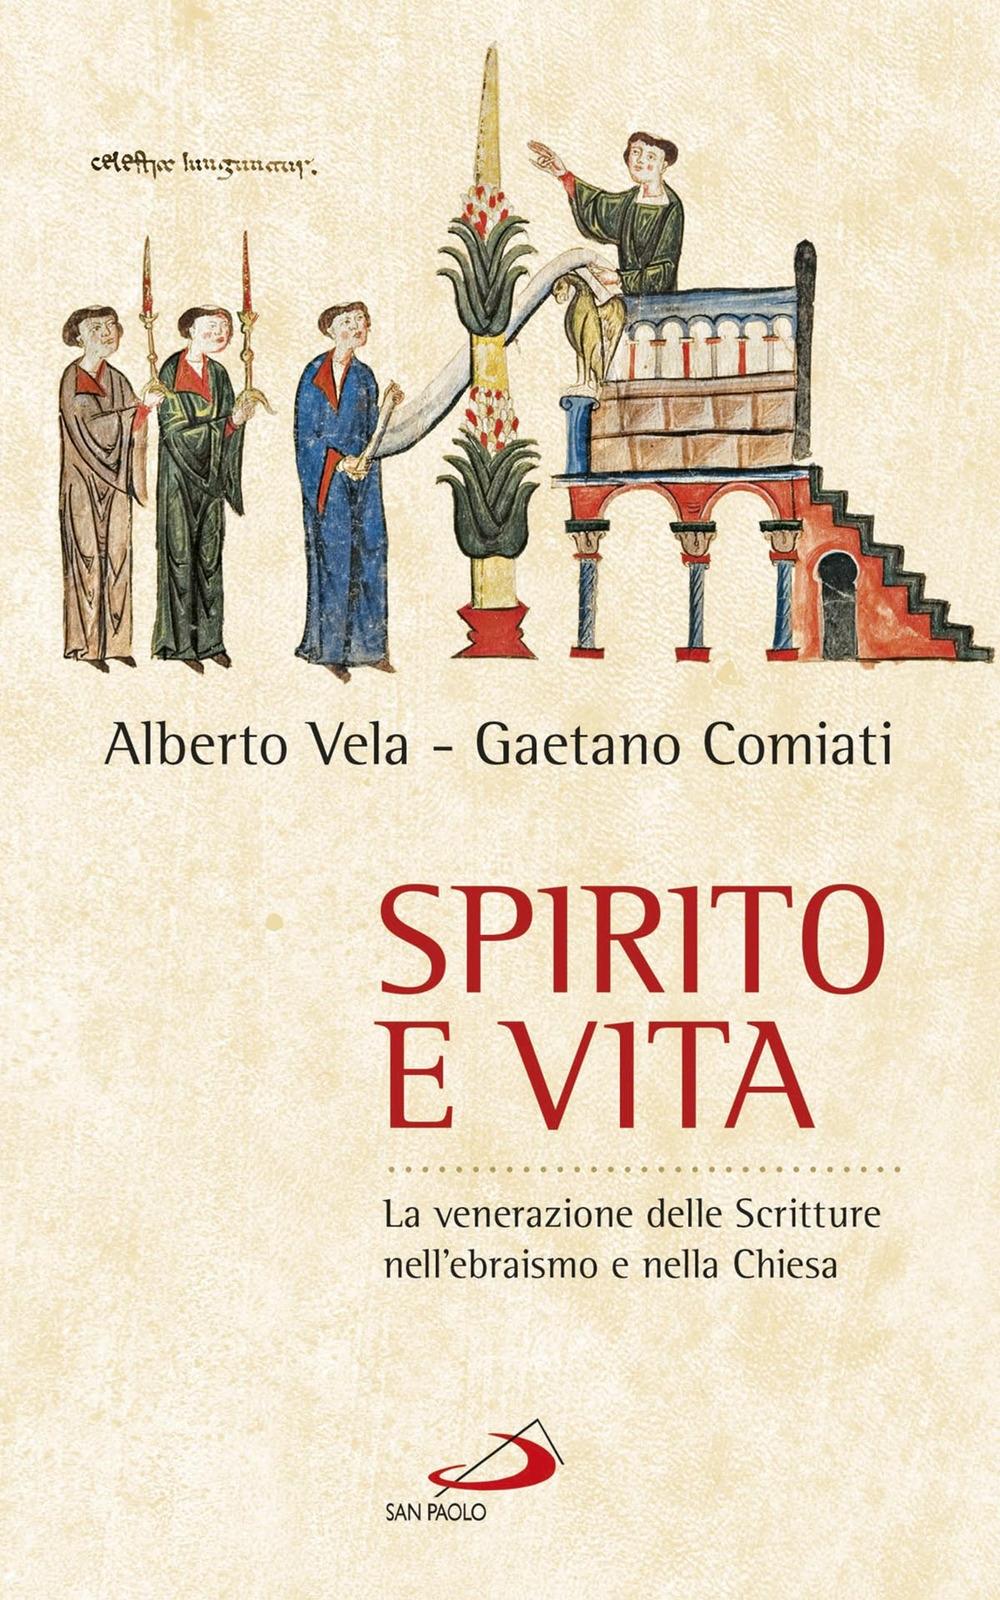 Spirito e vita. La venerazione delle Scritture nell'ebraismo e nella chiesa